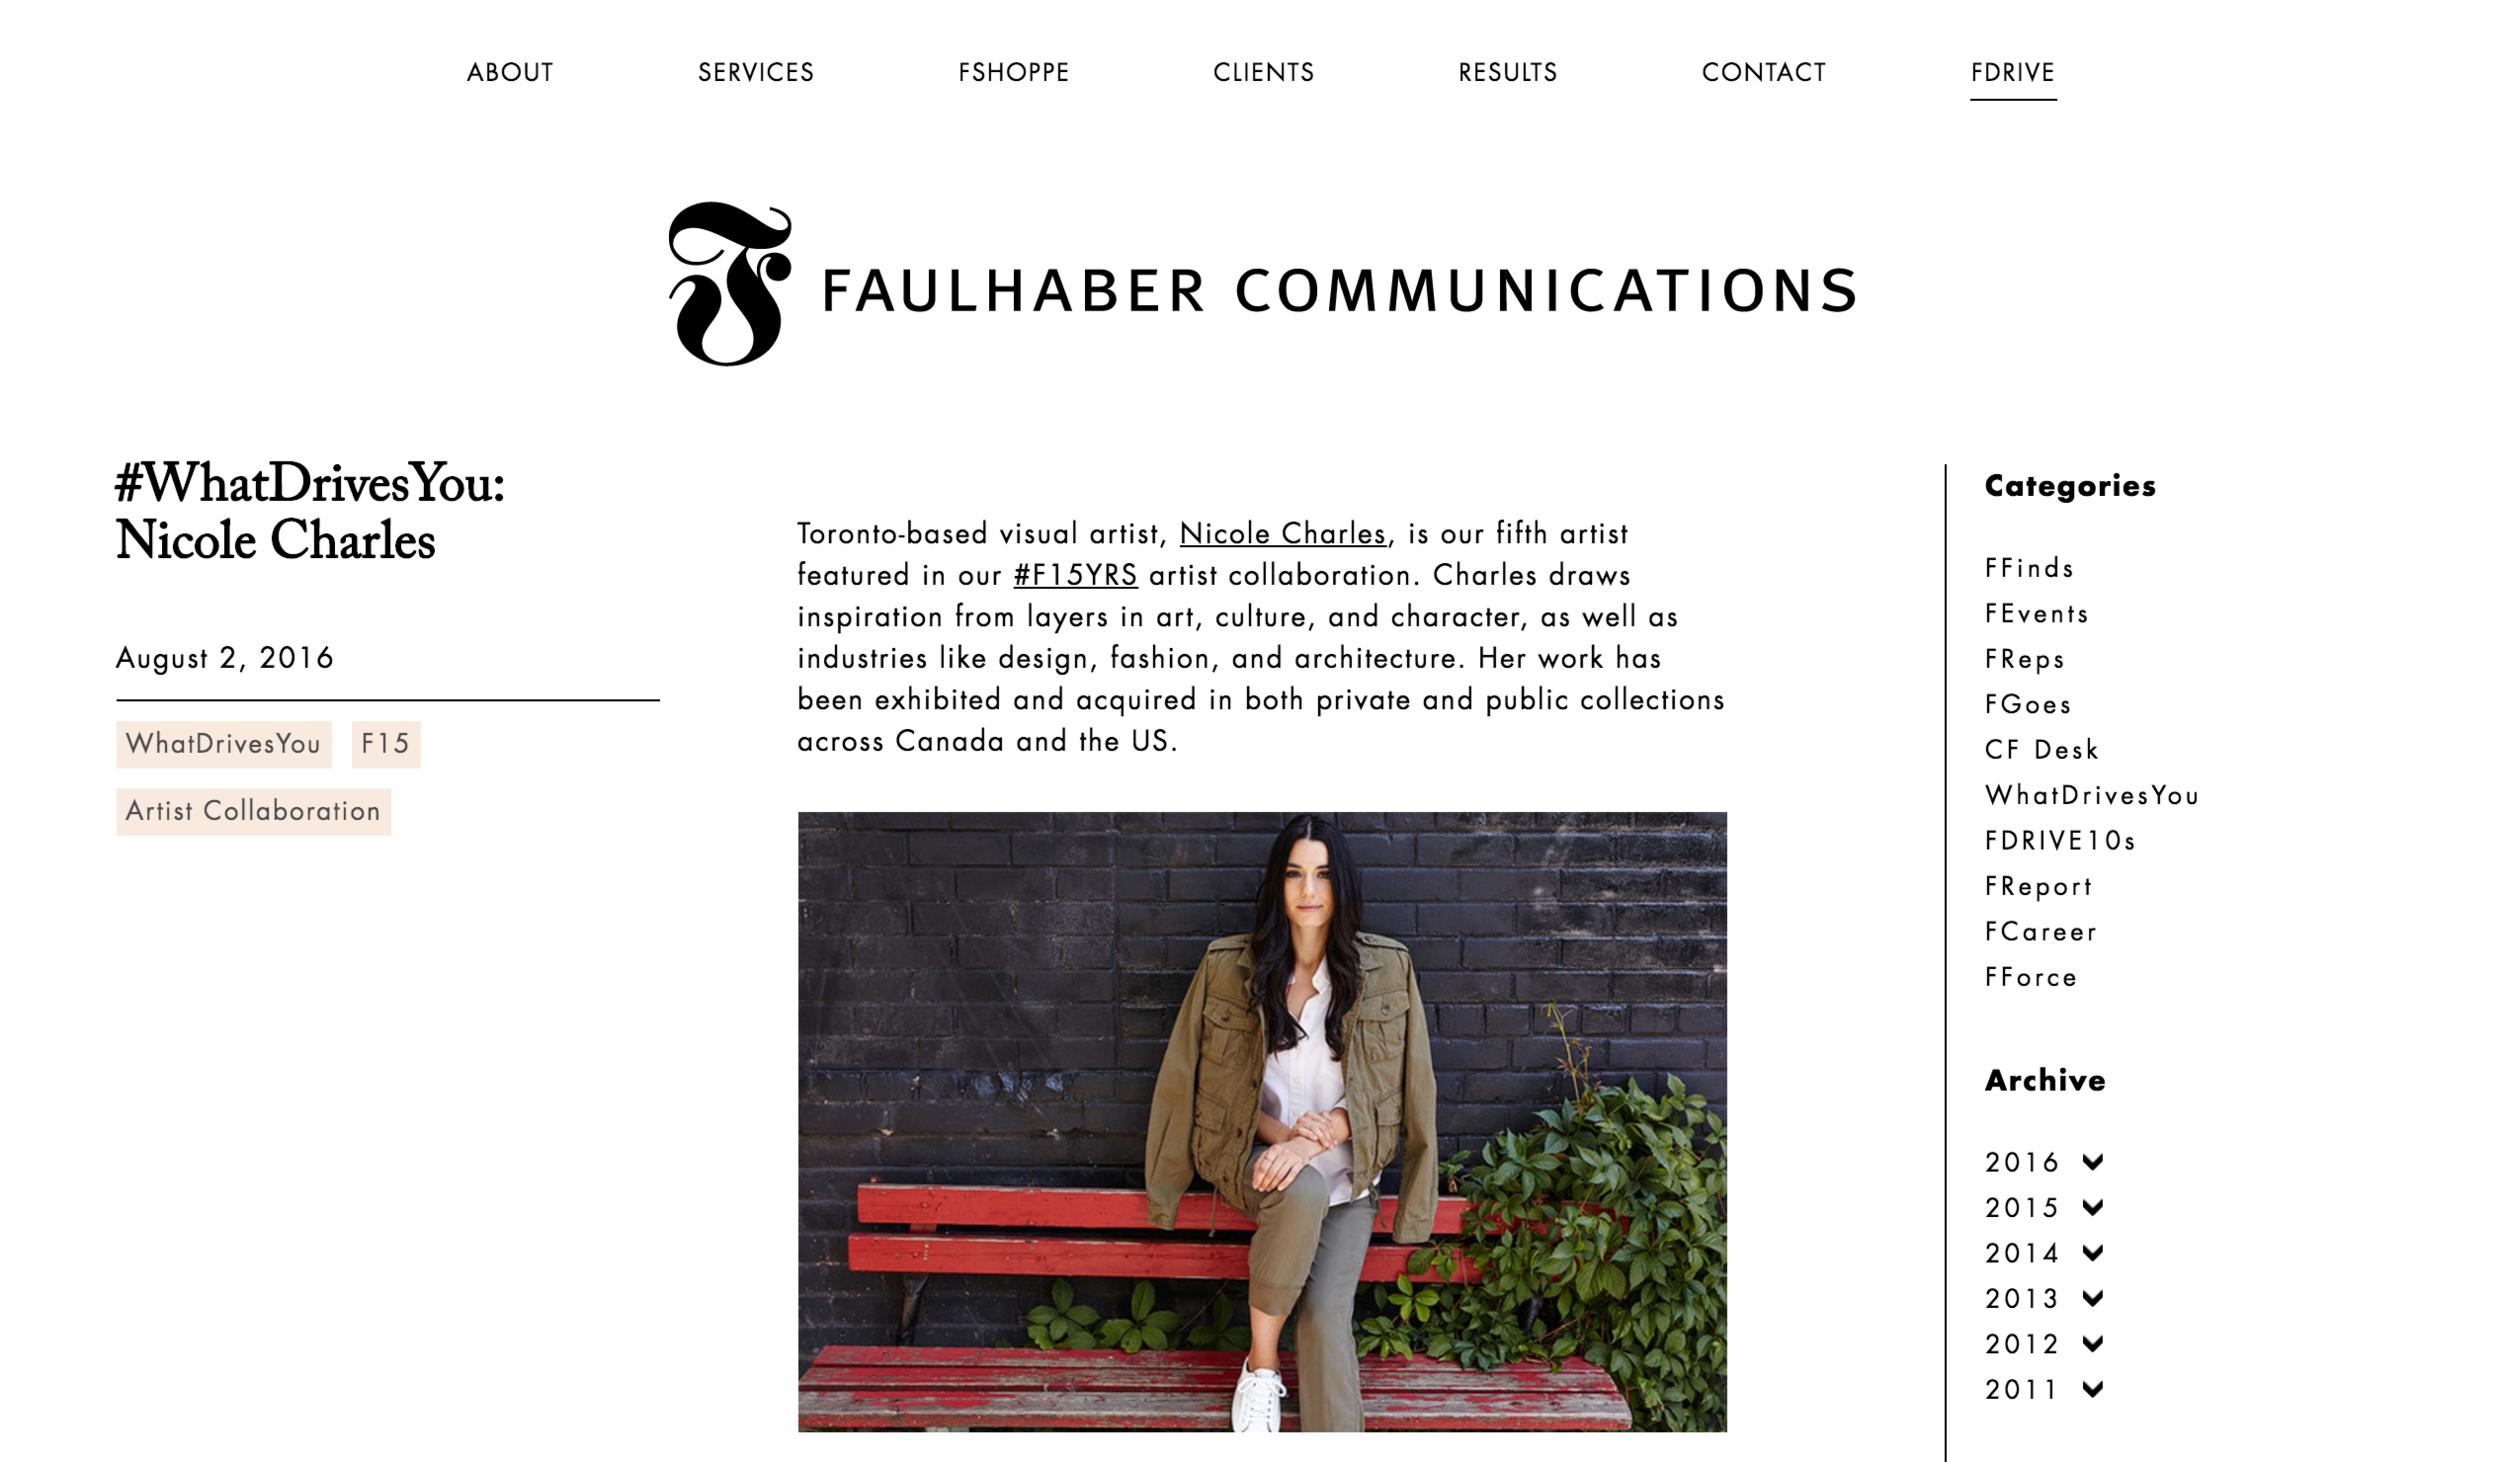 Faulhaber Communications, 2016